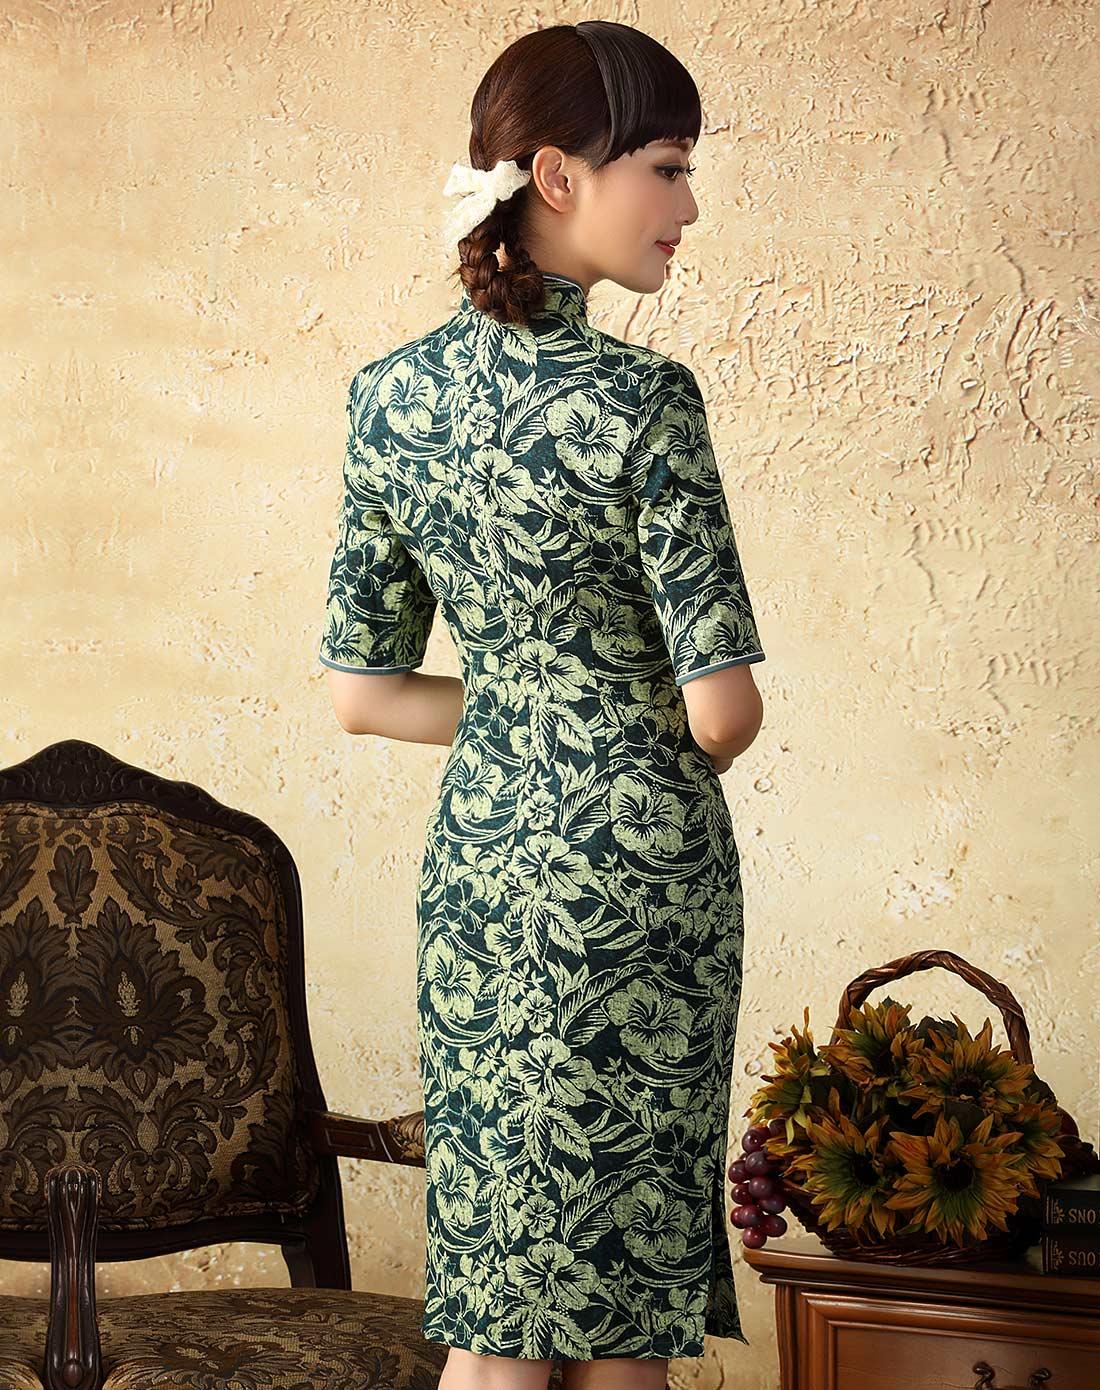 雅惠 中长款棉麻旗袍连衣裙